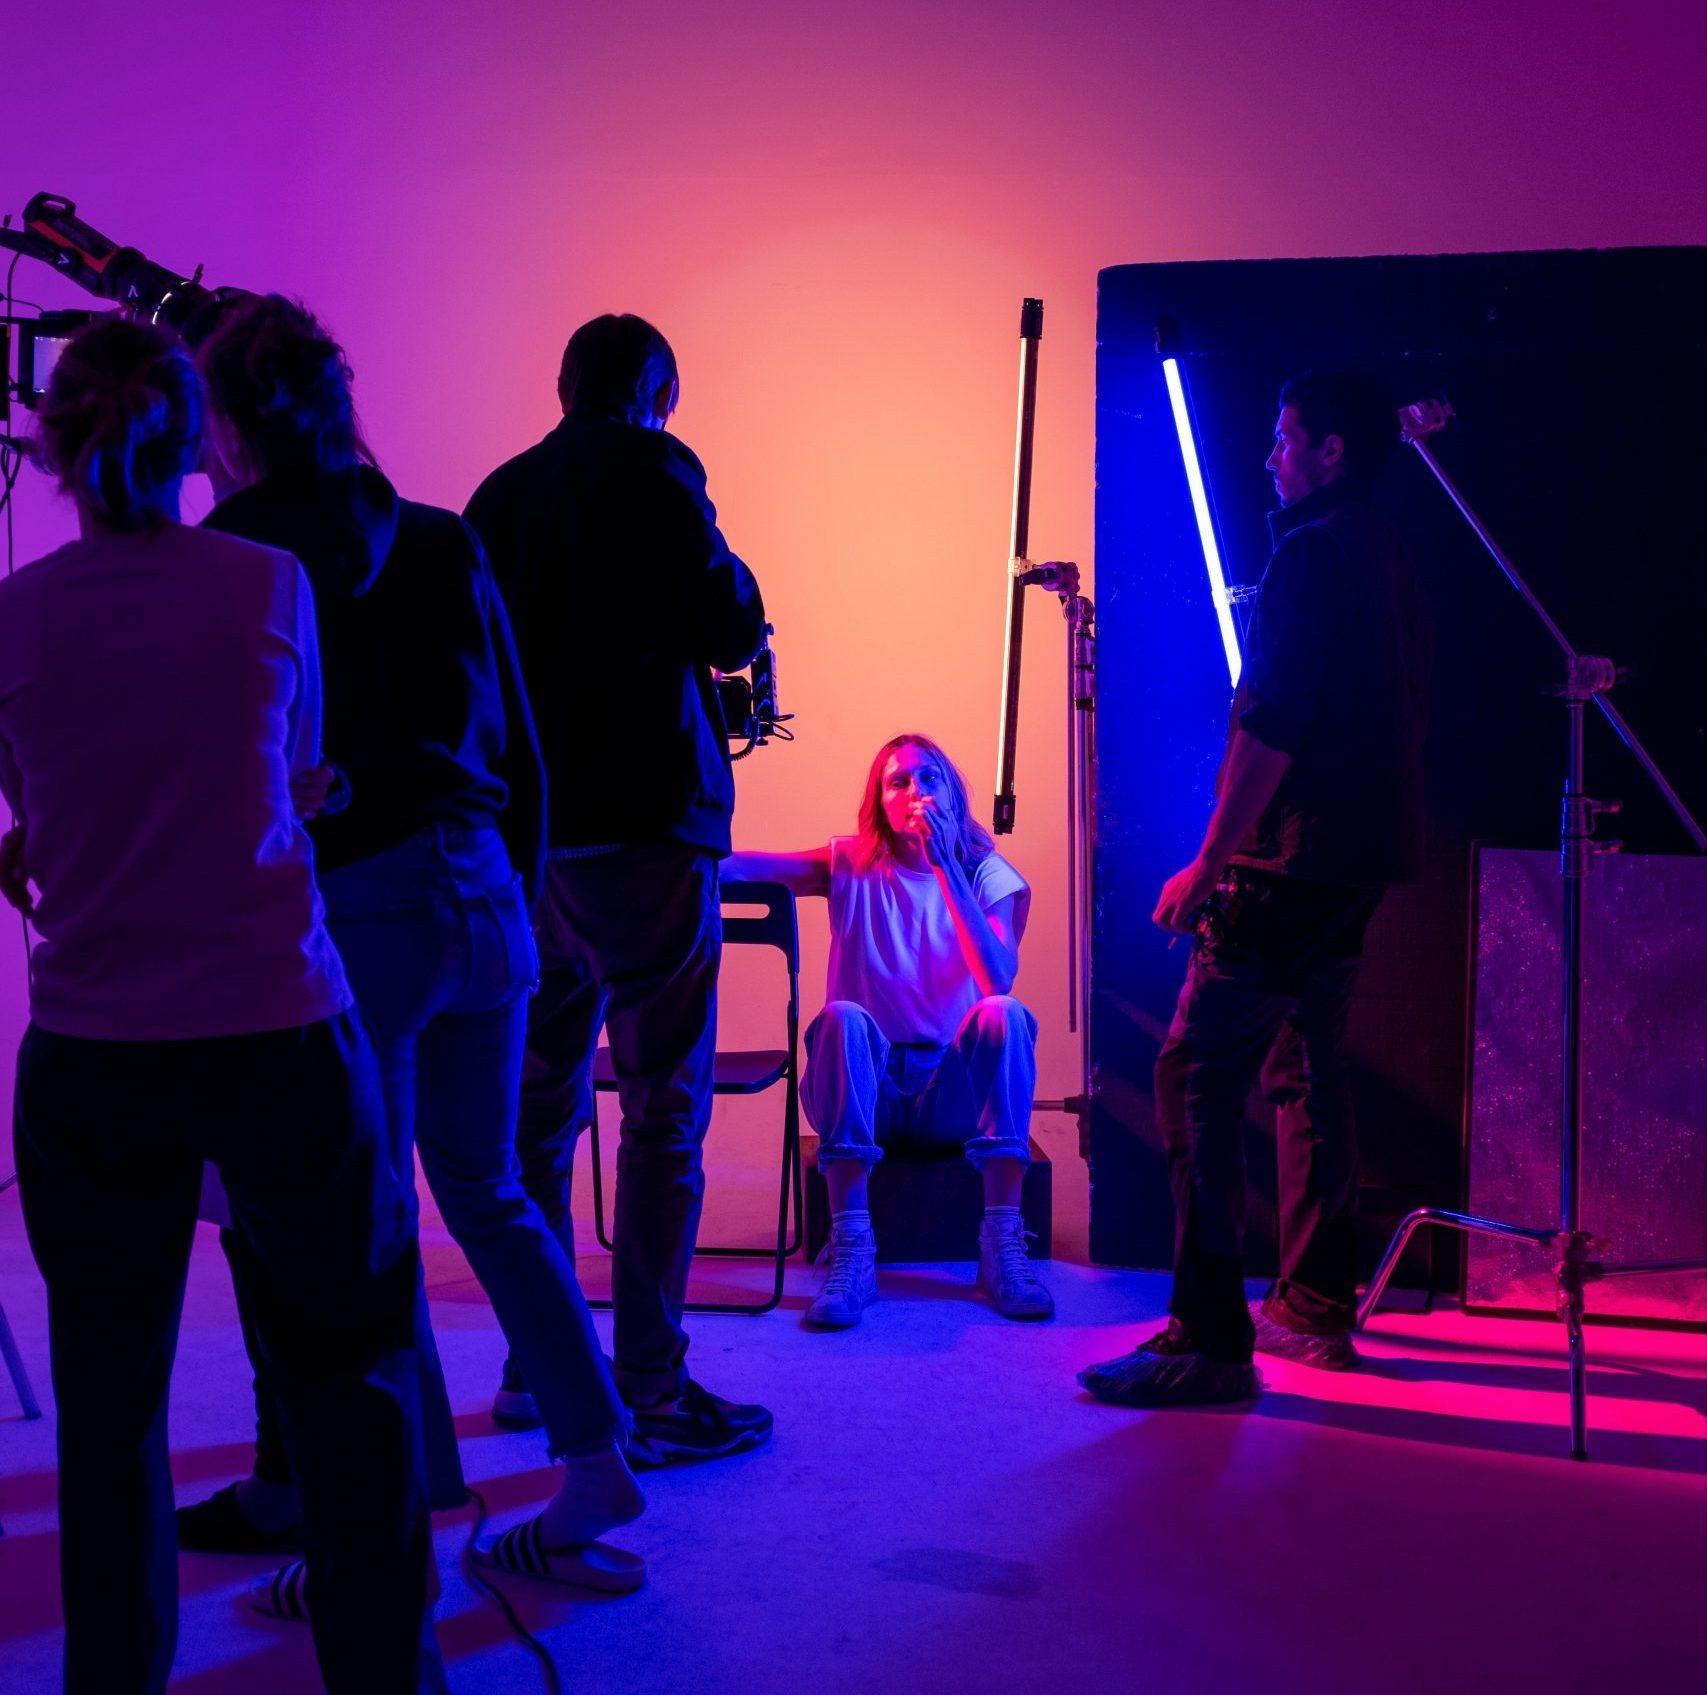 Branded Entertainment  Wir realisieren einzigartige und strategische Branded Entertainment Kooperationen zwischen Marken und unseren Künstler:innen.